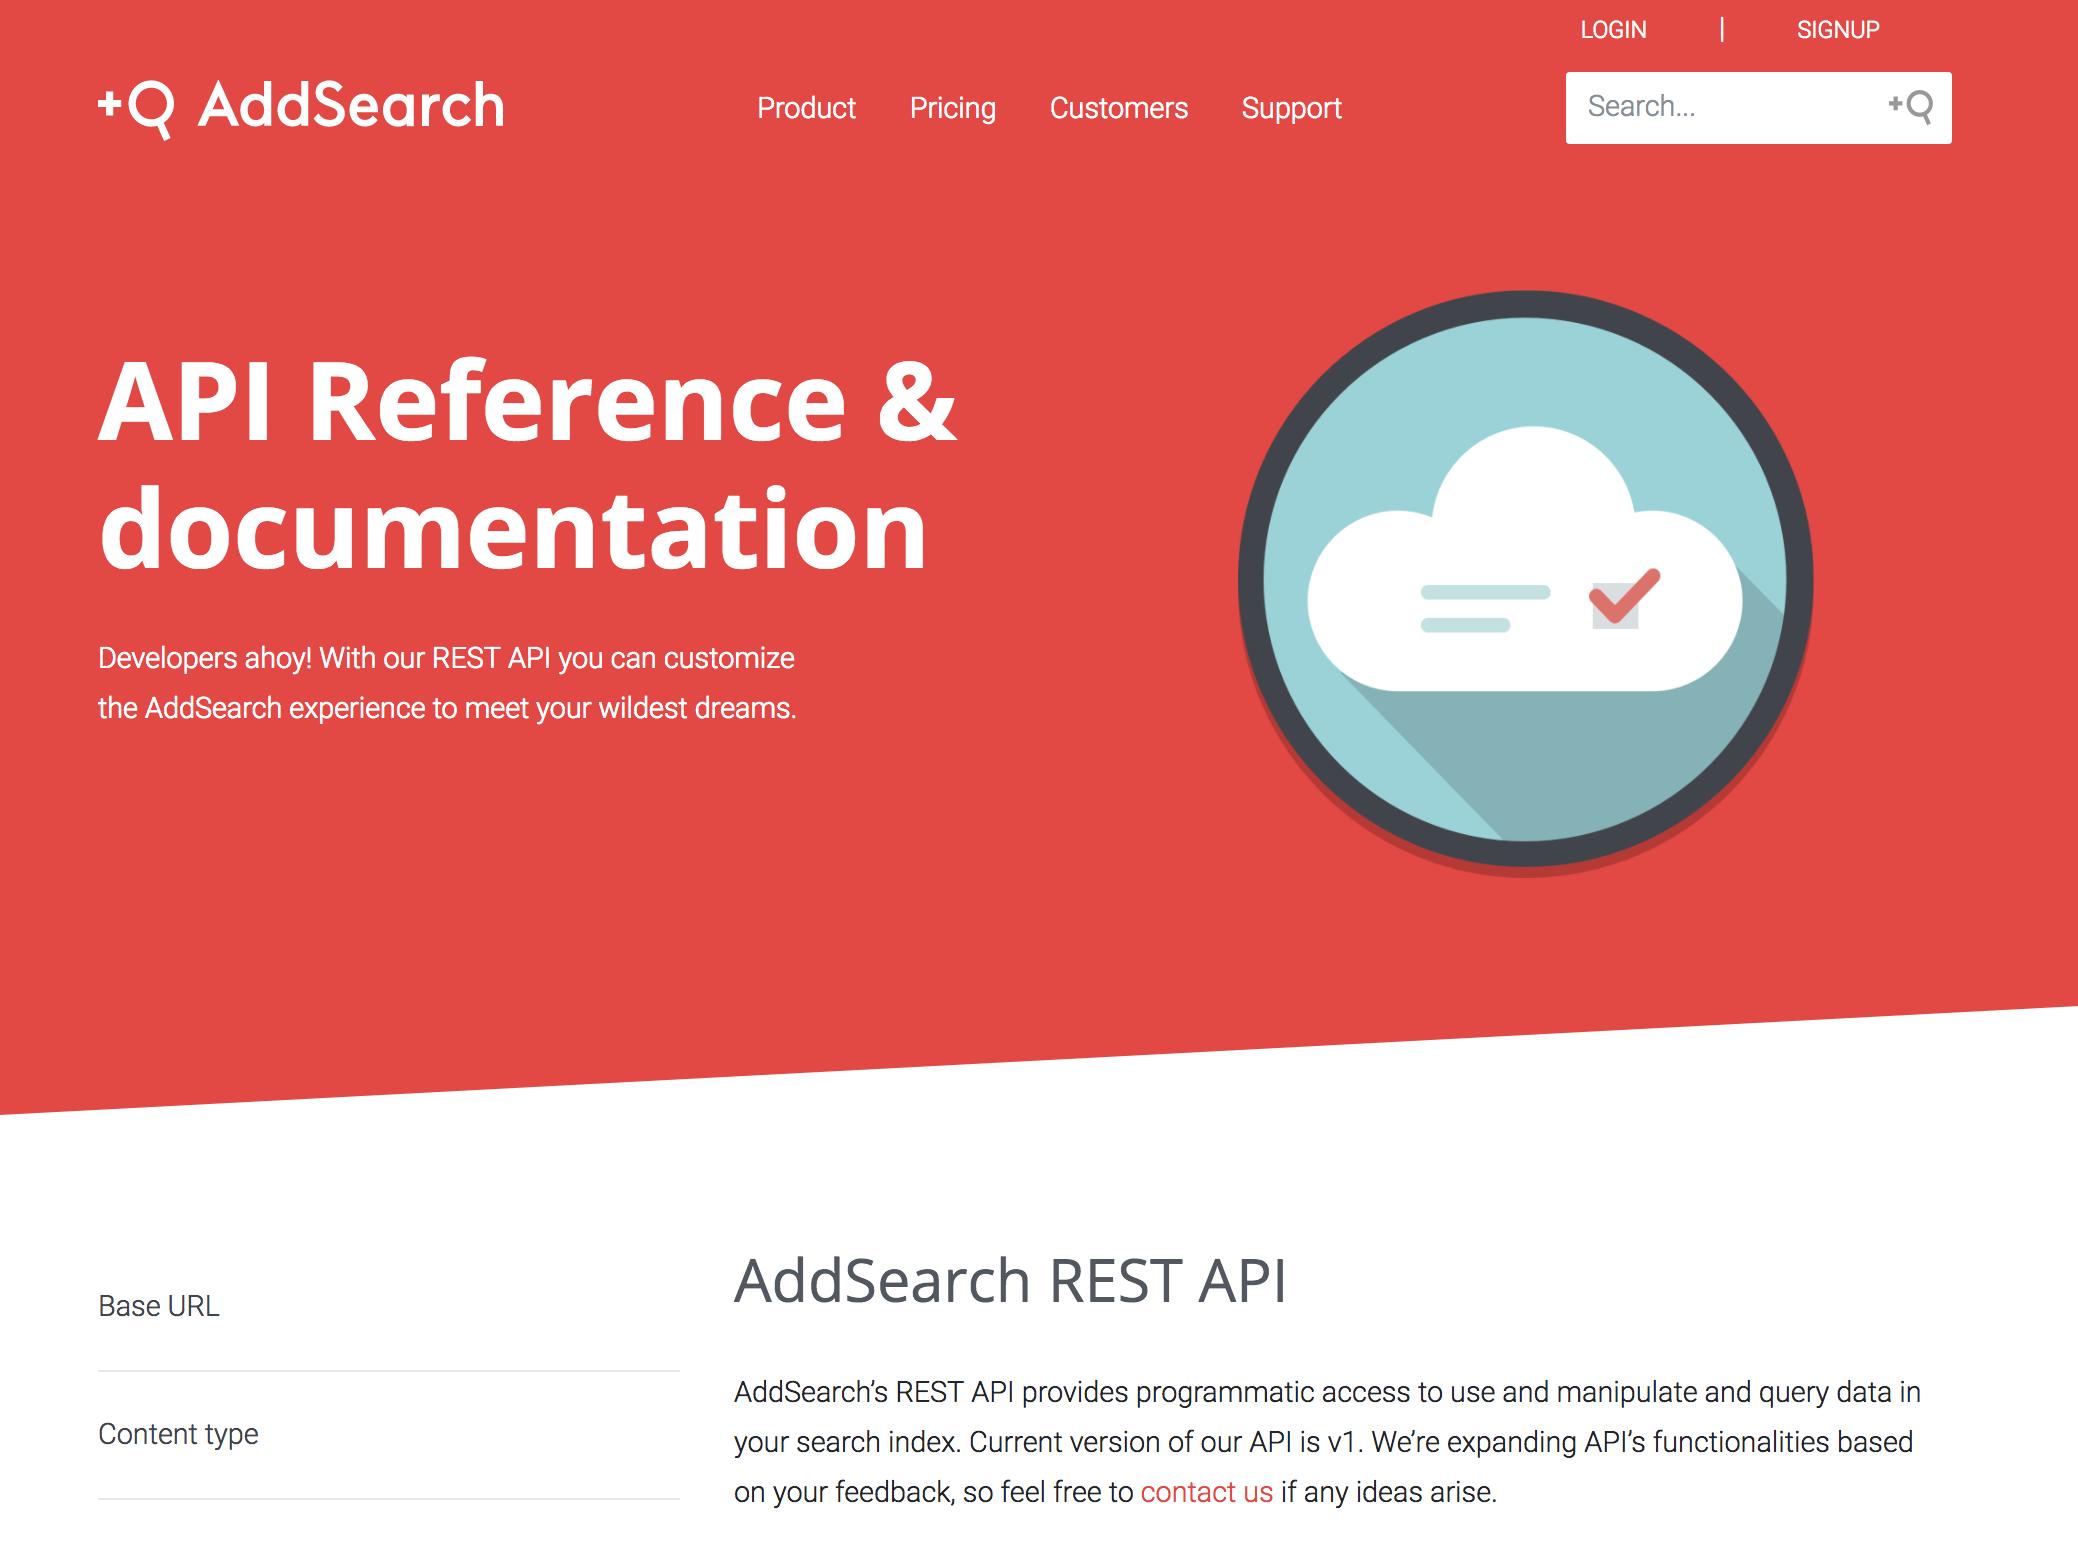 AddSearch Demo - API